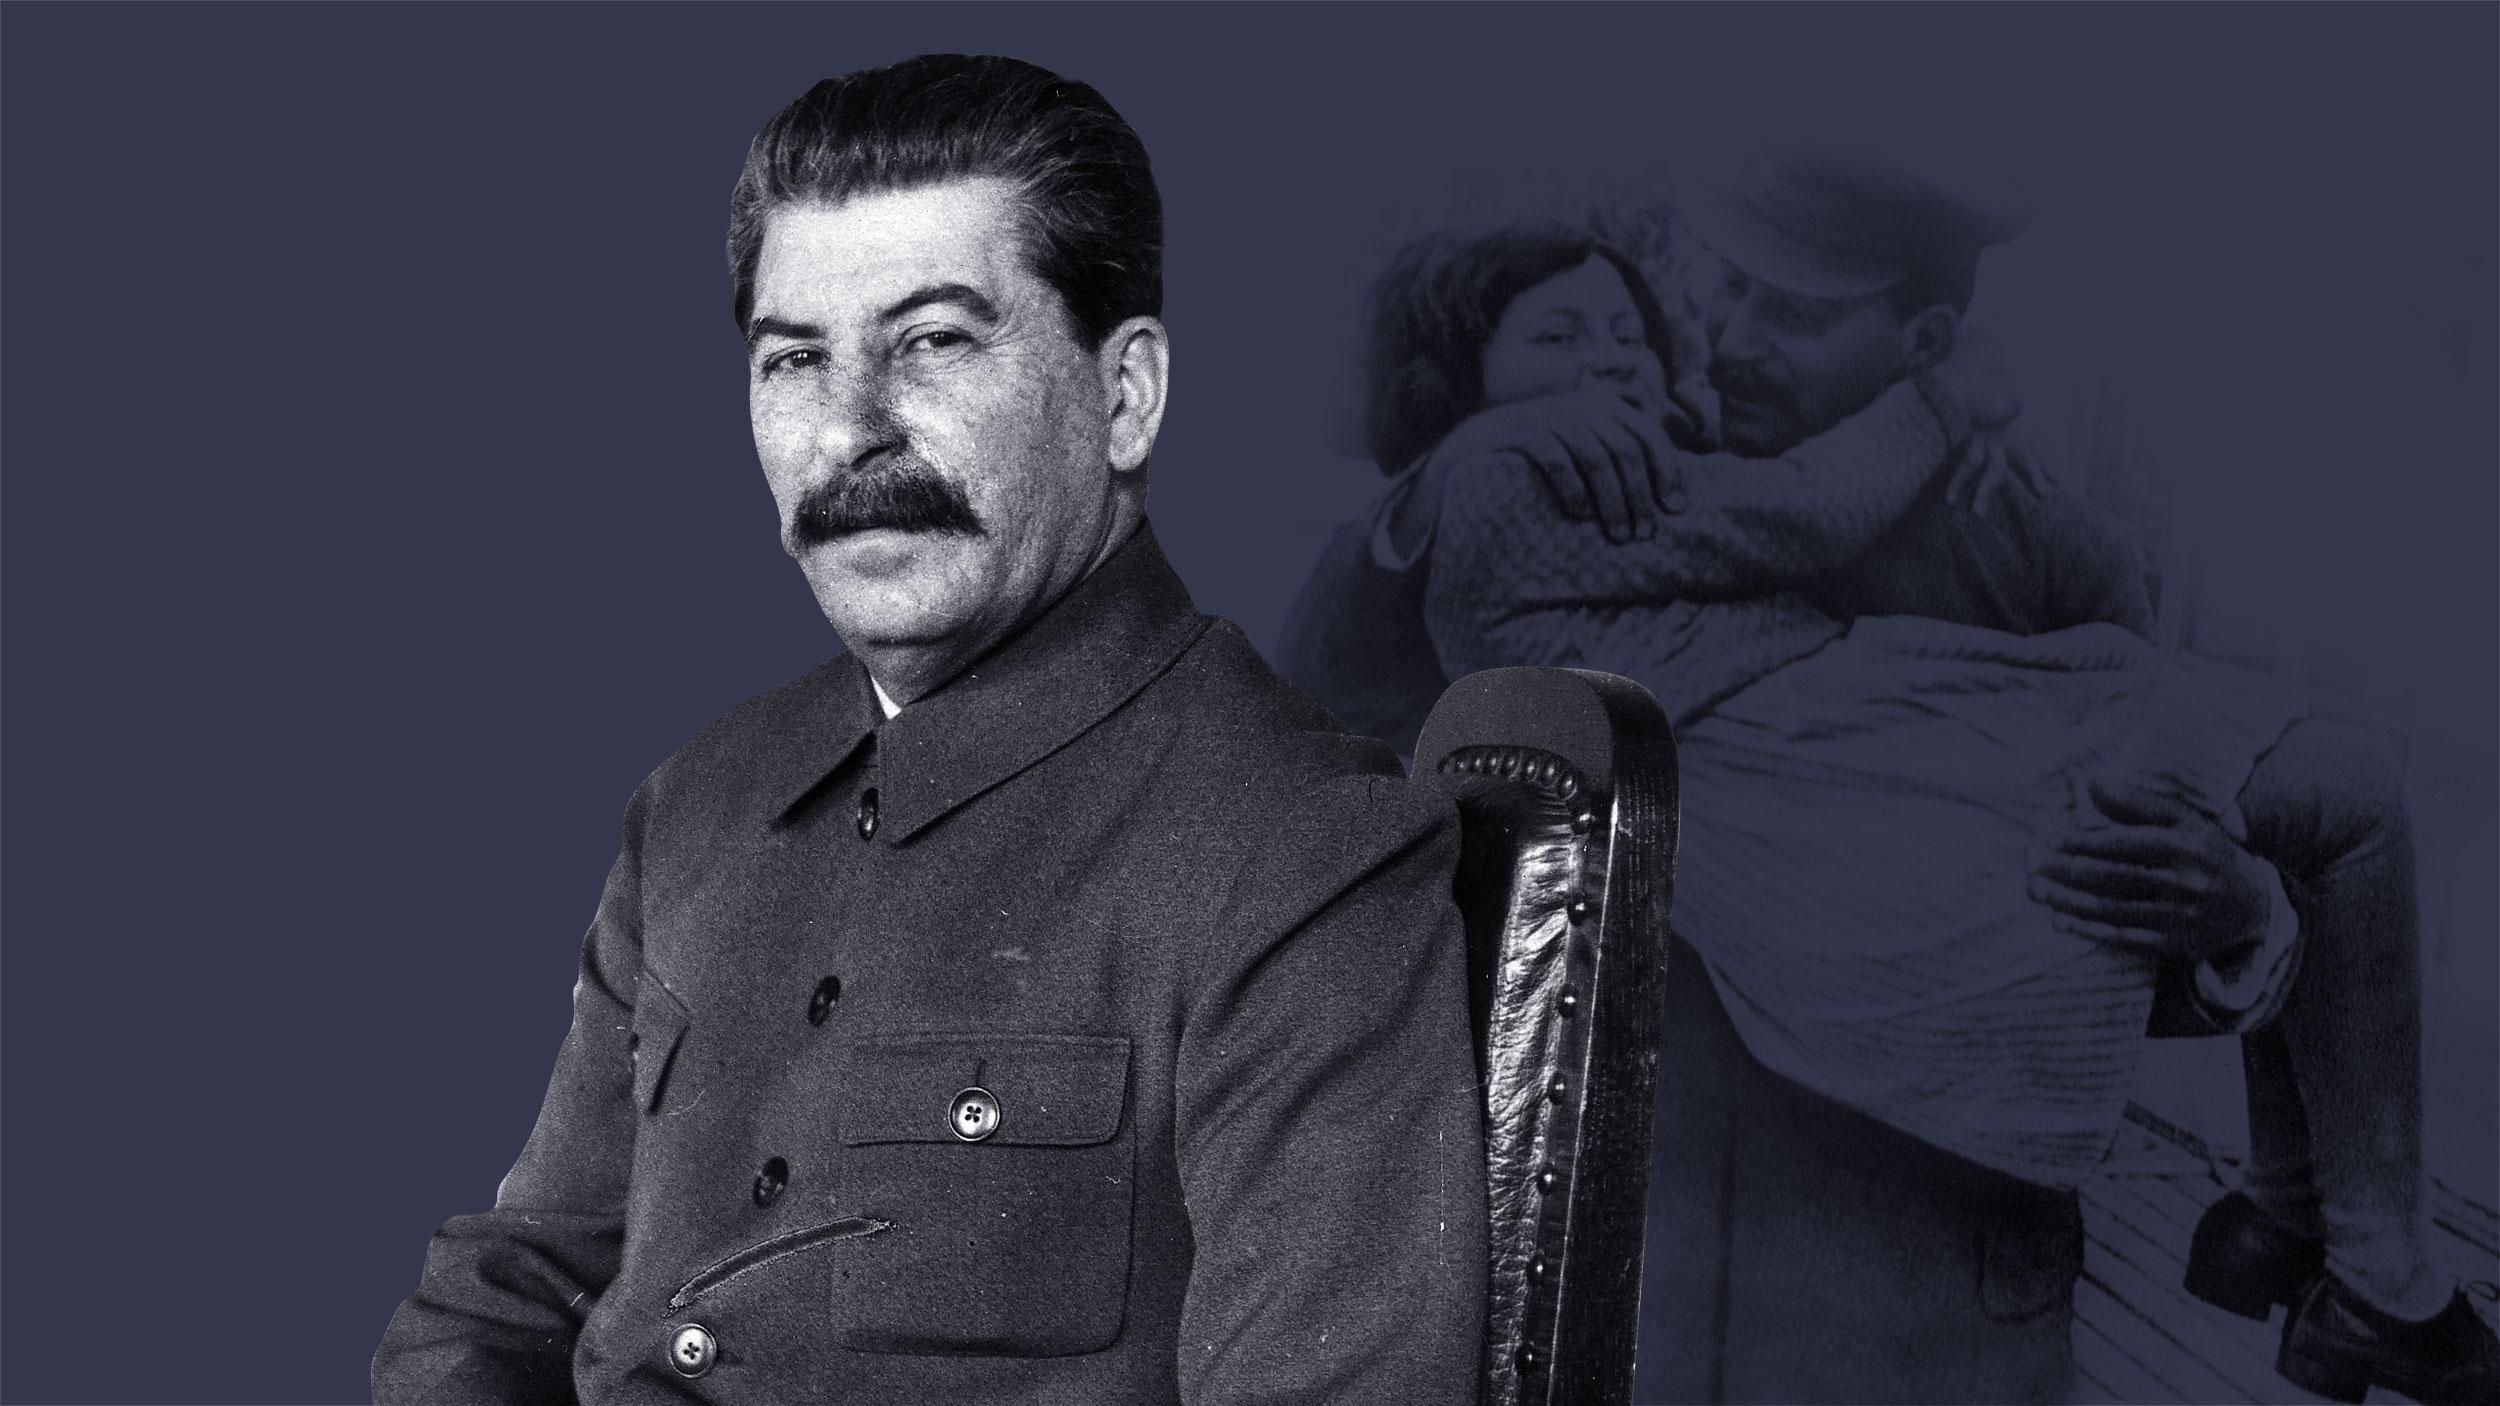 Месть Сталина: что вождь народов сделал с журналистом, развратившим его дочь